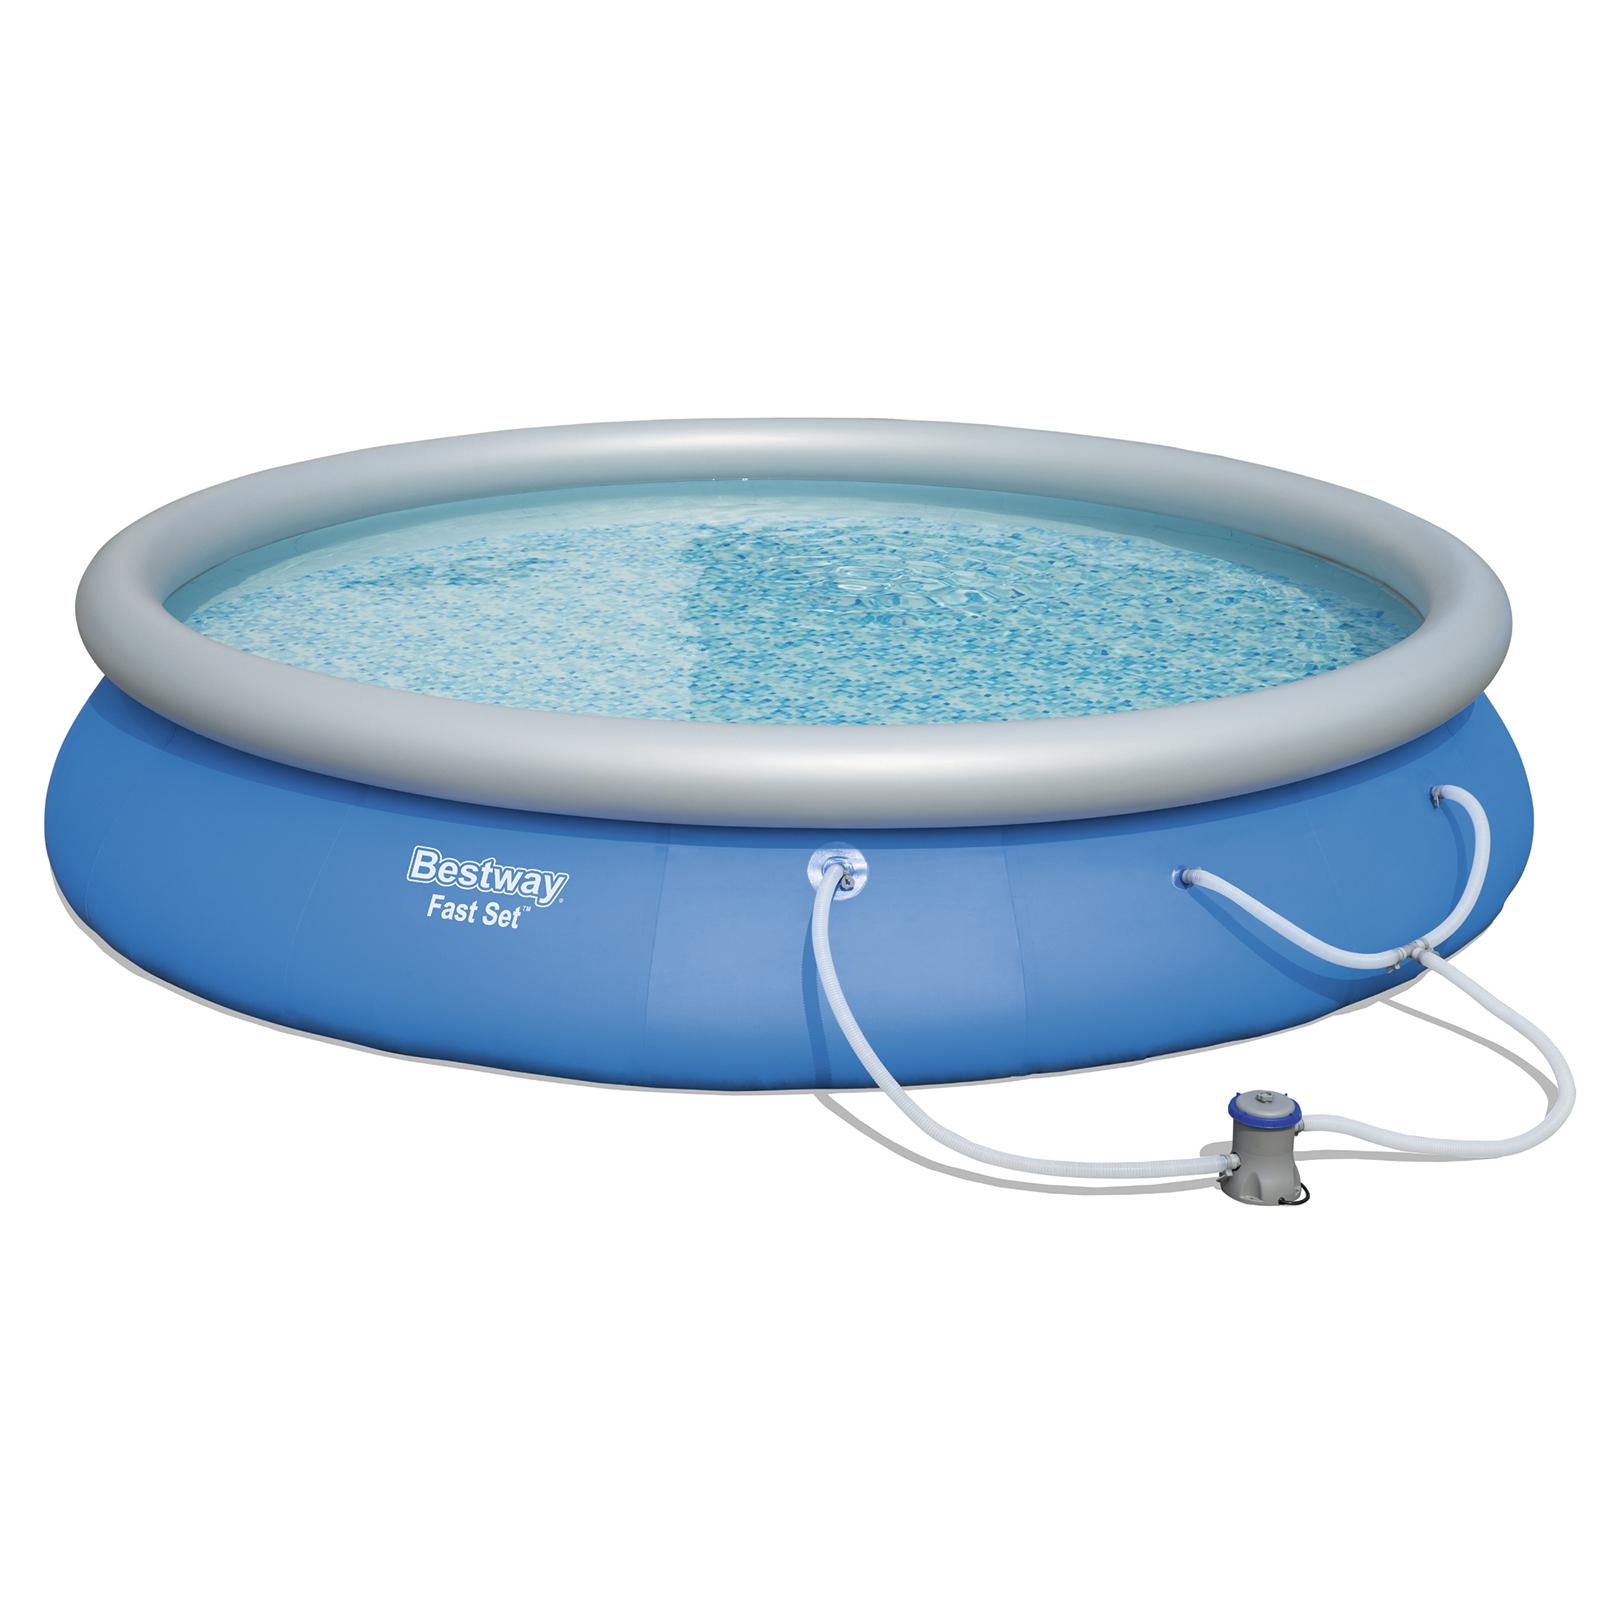 Image of Bestway Fast Set 15 Foot Diameter 33-Inch Deep Pool Set